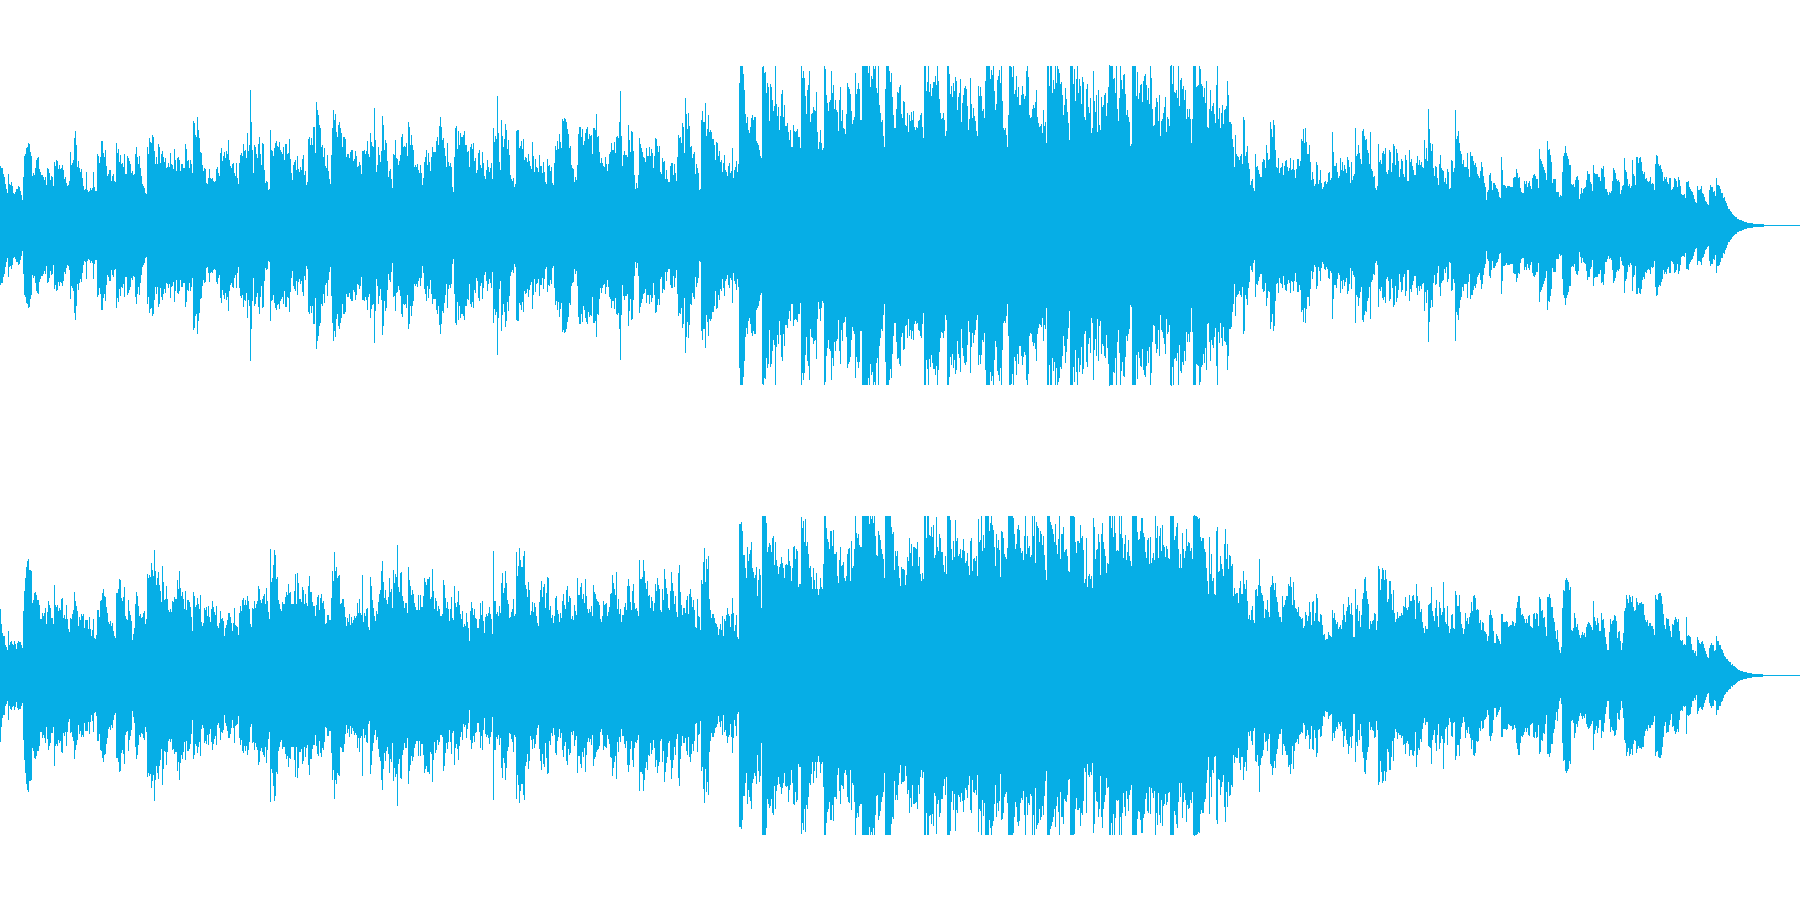 神秘的な光のオルゴールの再生済みの波形